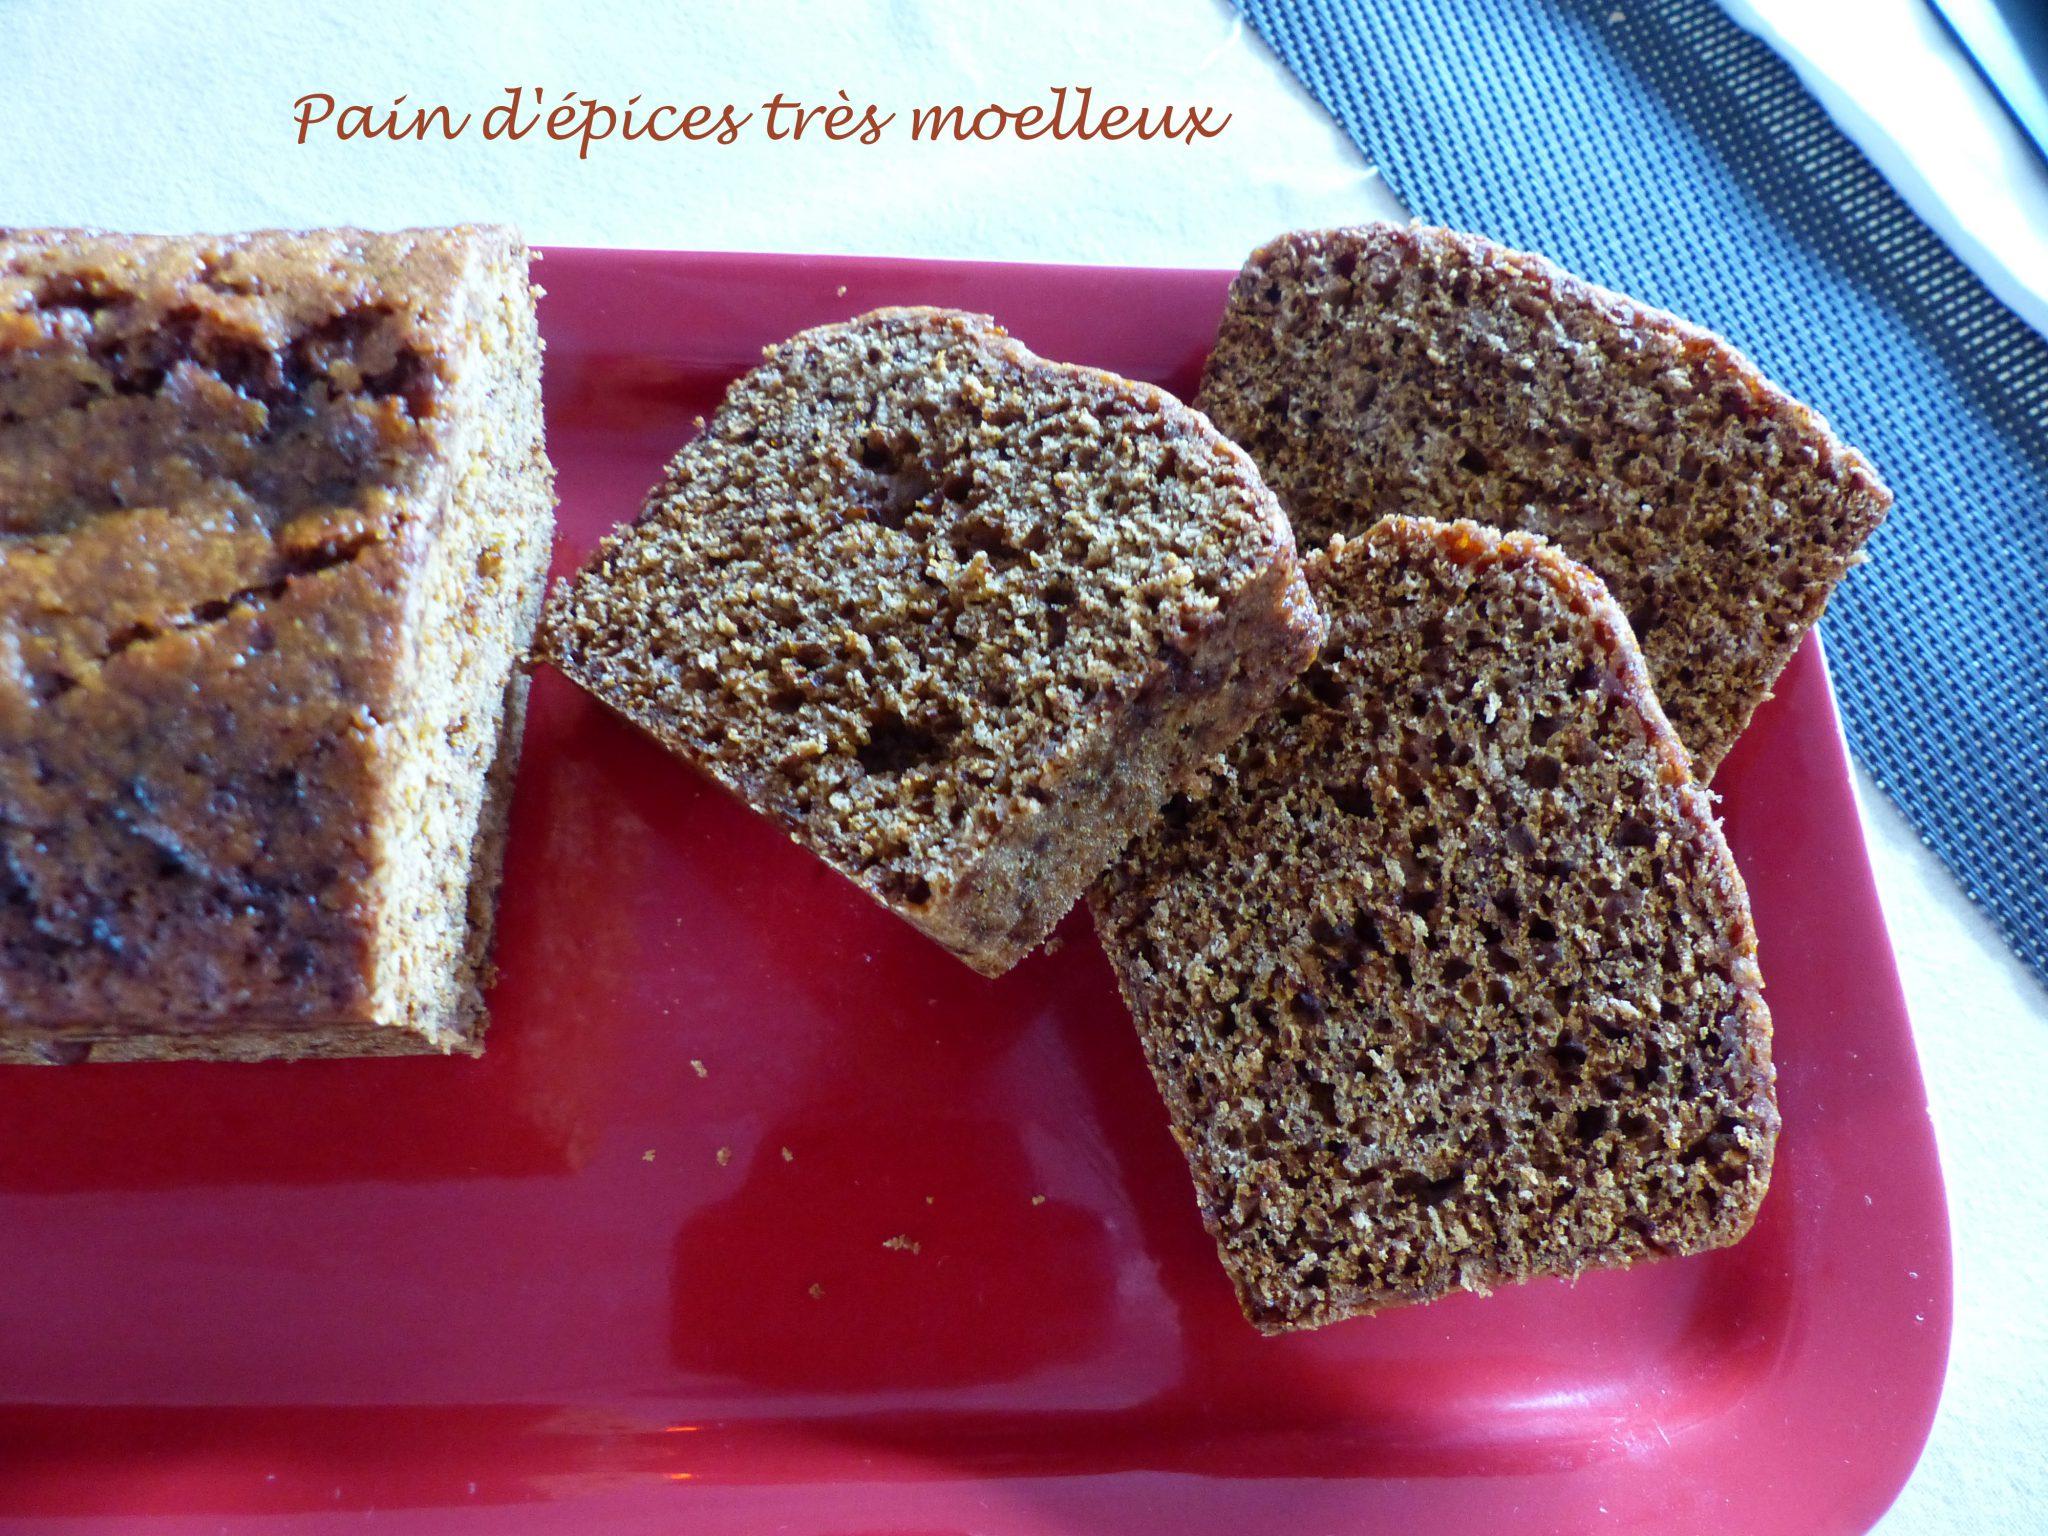 Pain d'épices très moelleux P1070592 R